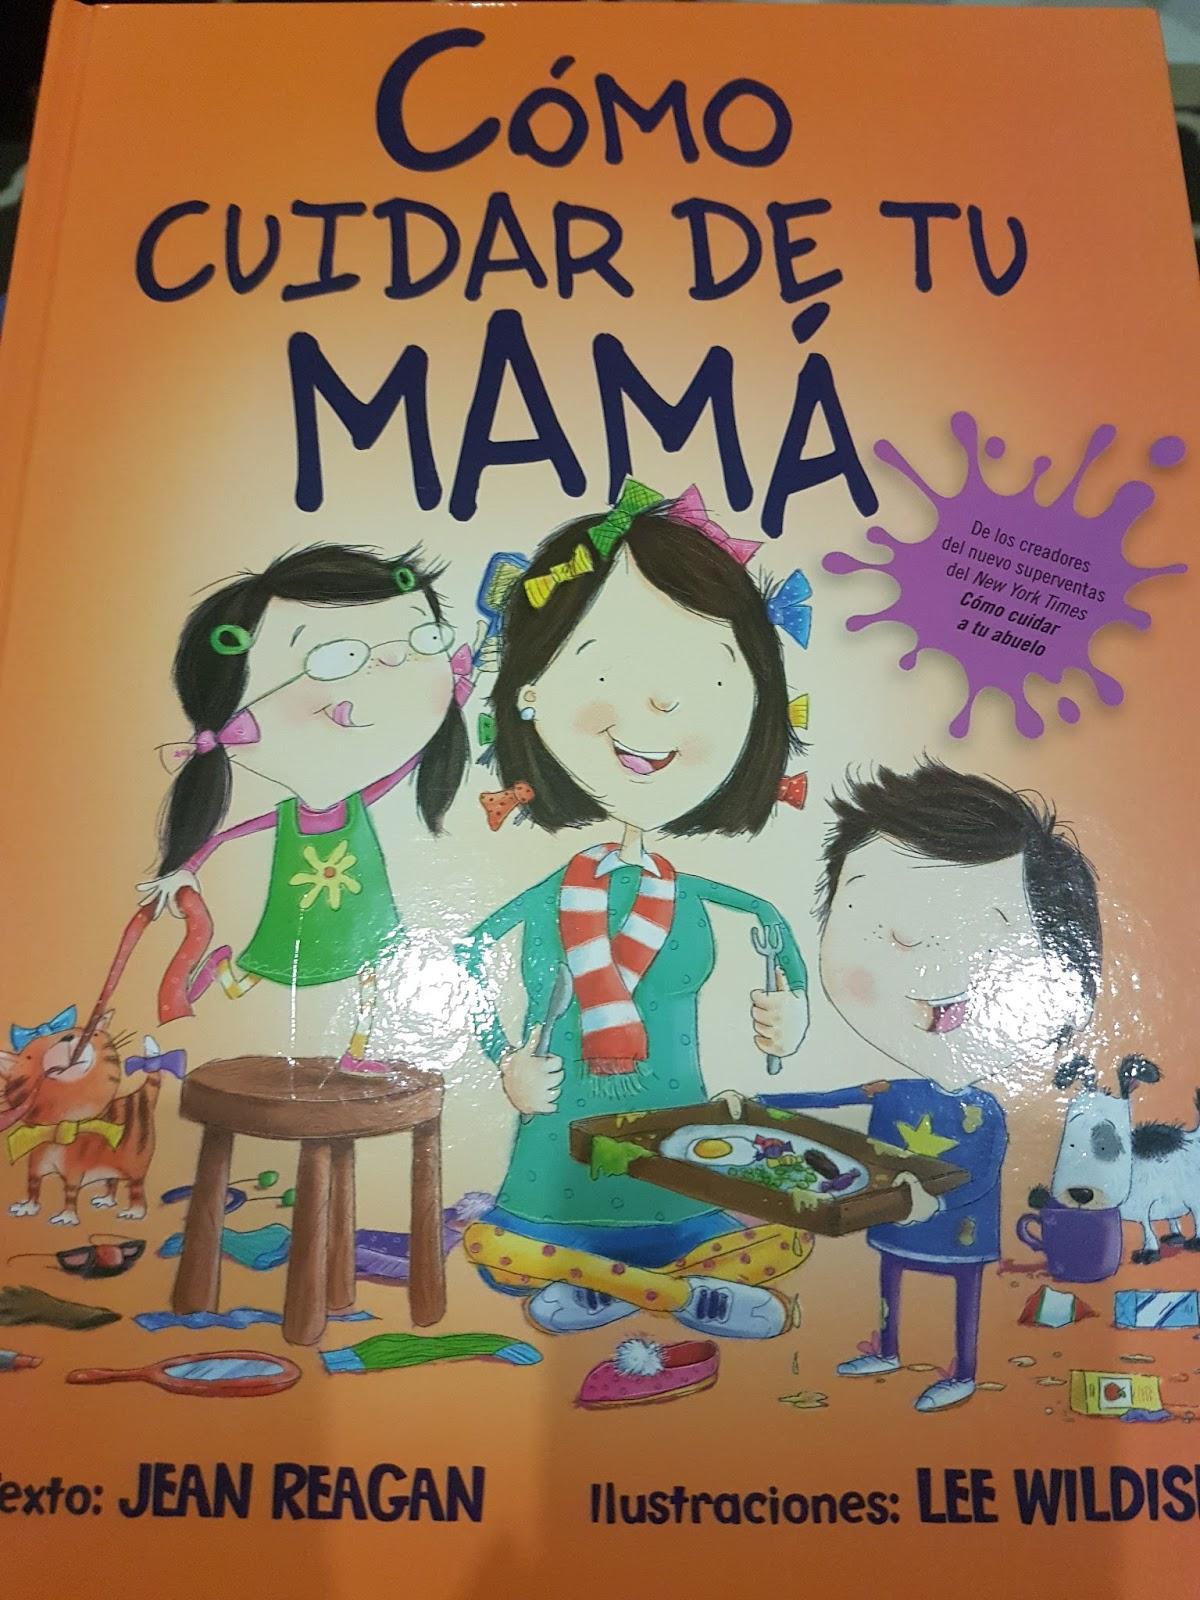 Libros Que Hay Que Leer Cómo Cuidar De Tu Mamá Jean Reagan Y Lee Wildis